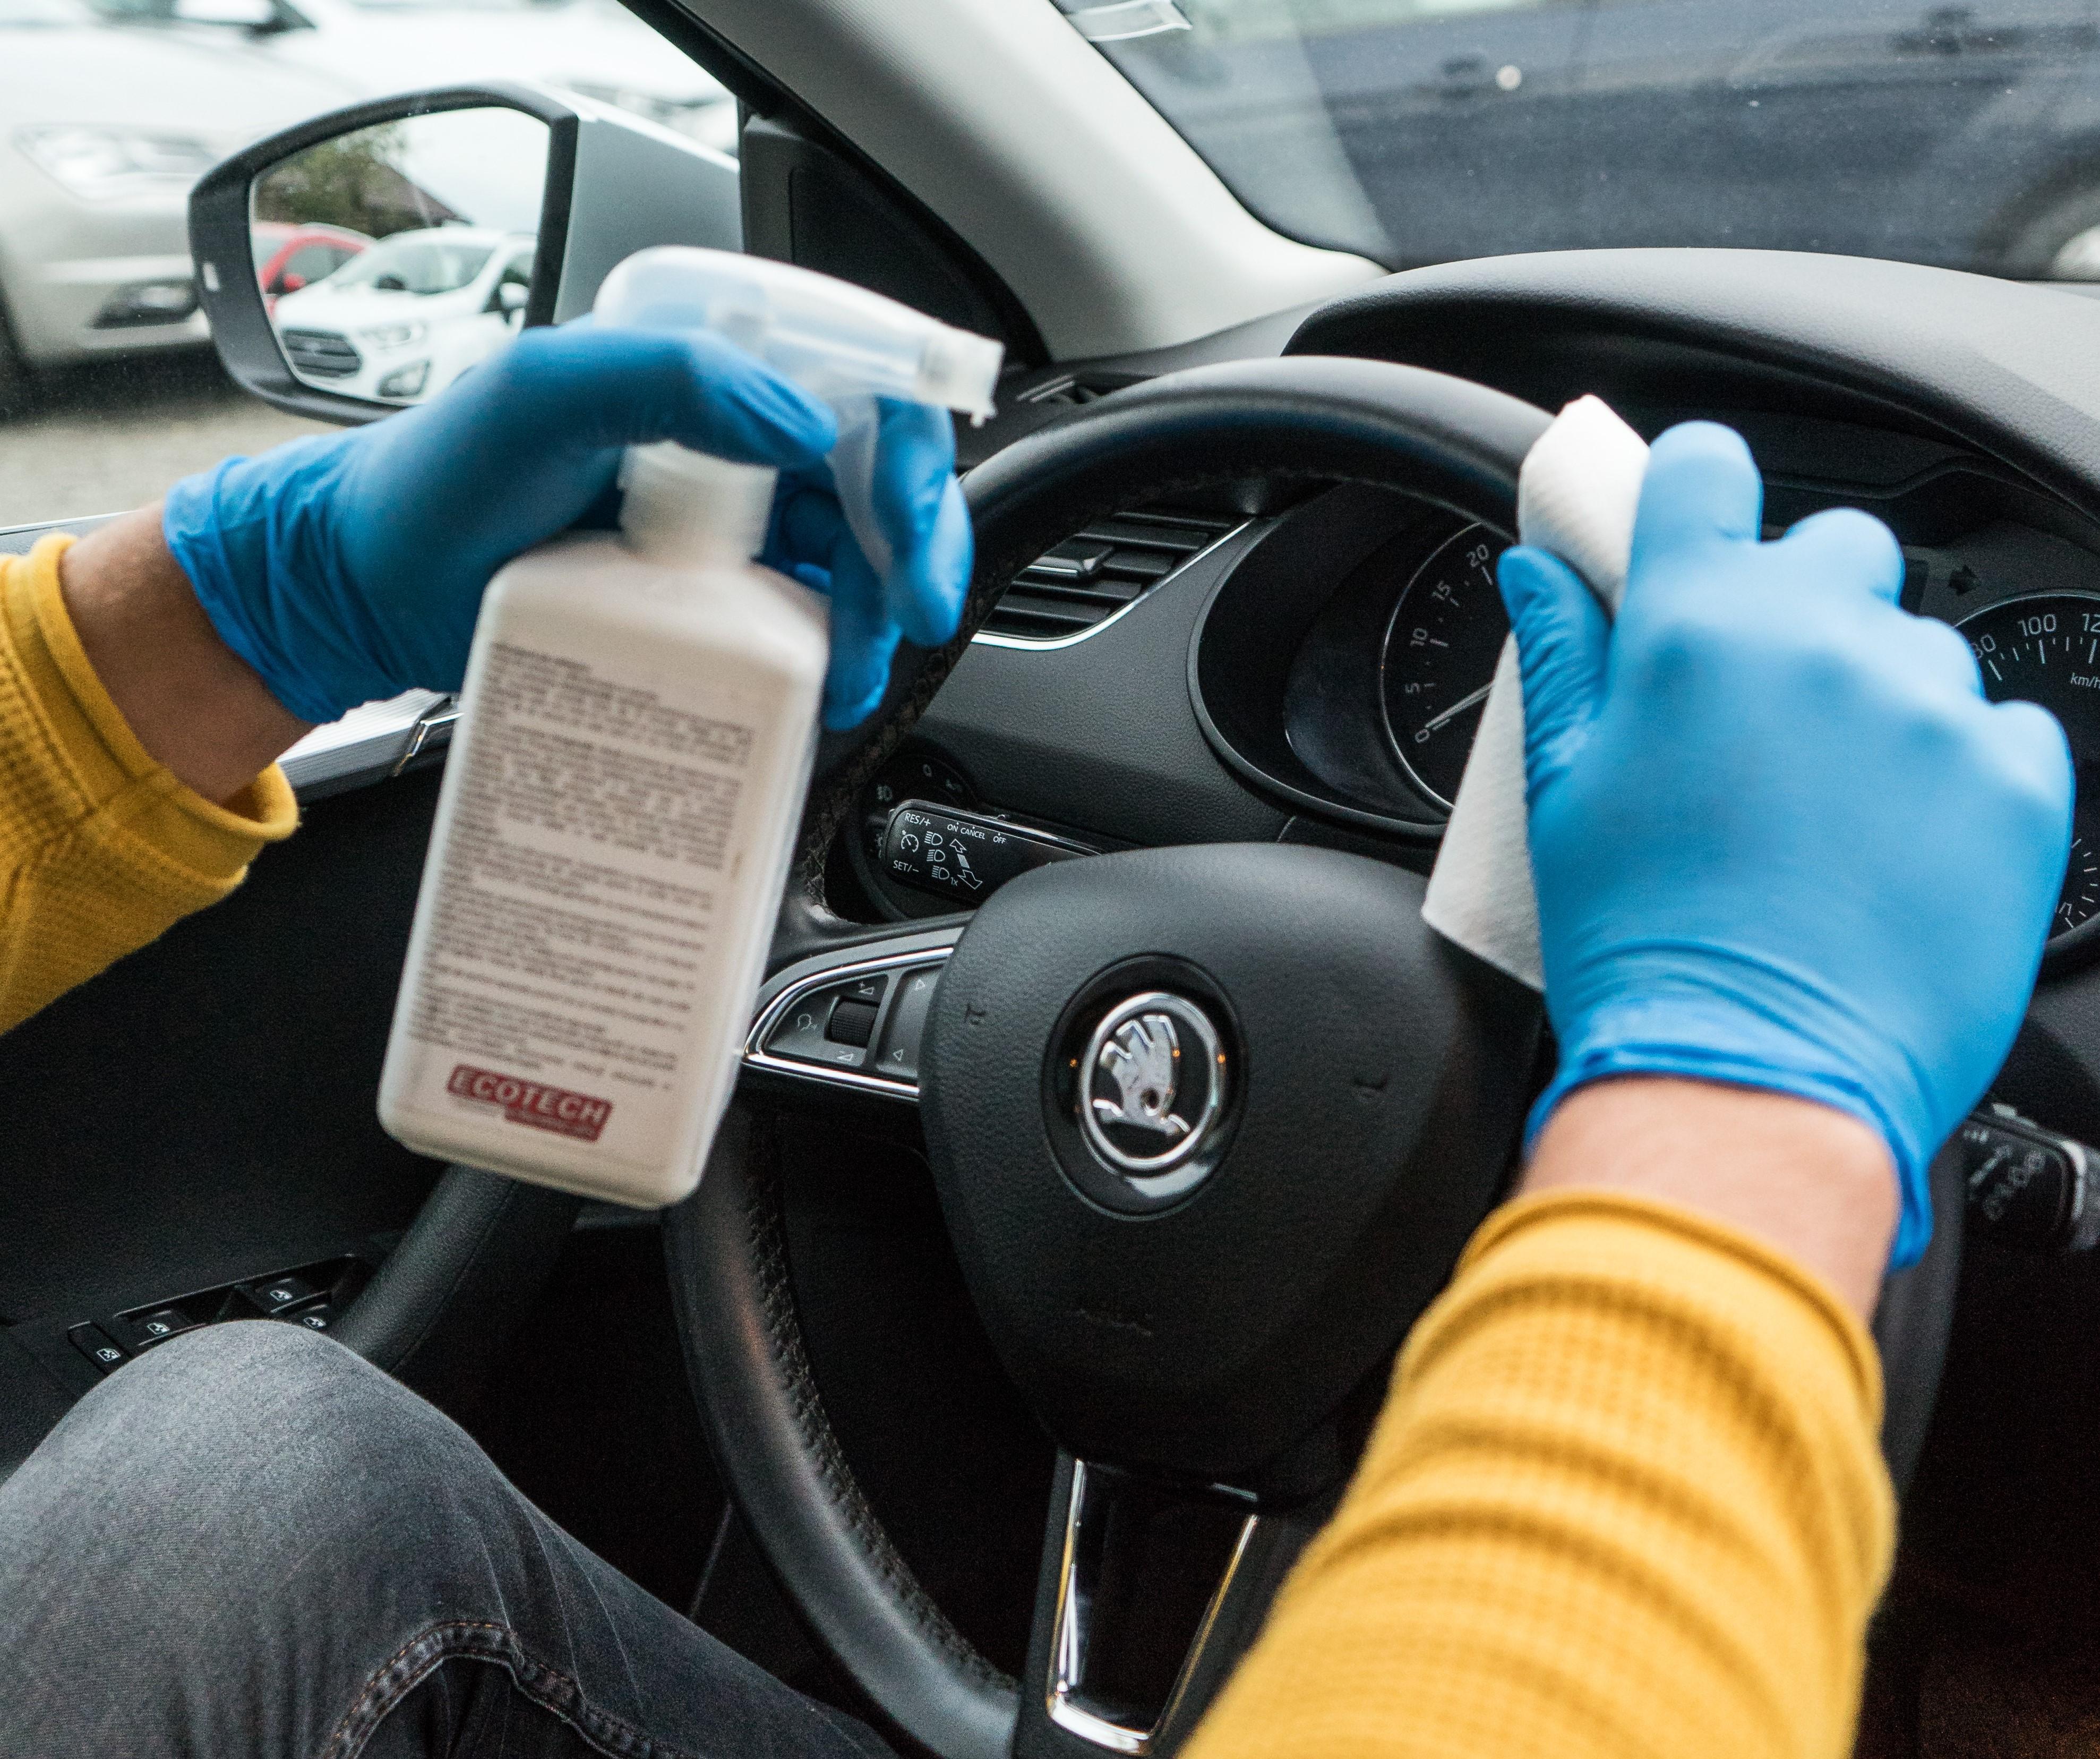 Dezinfectare masini de inchiriat BDV Bestauto